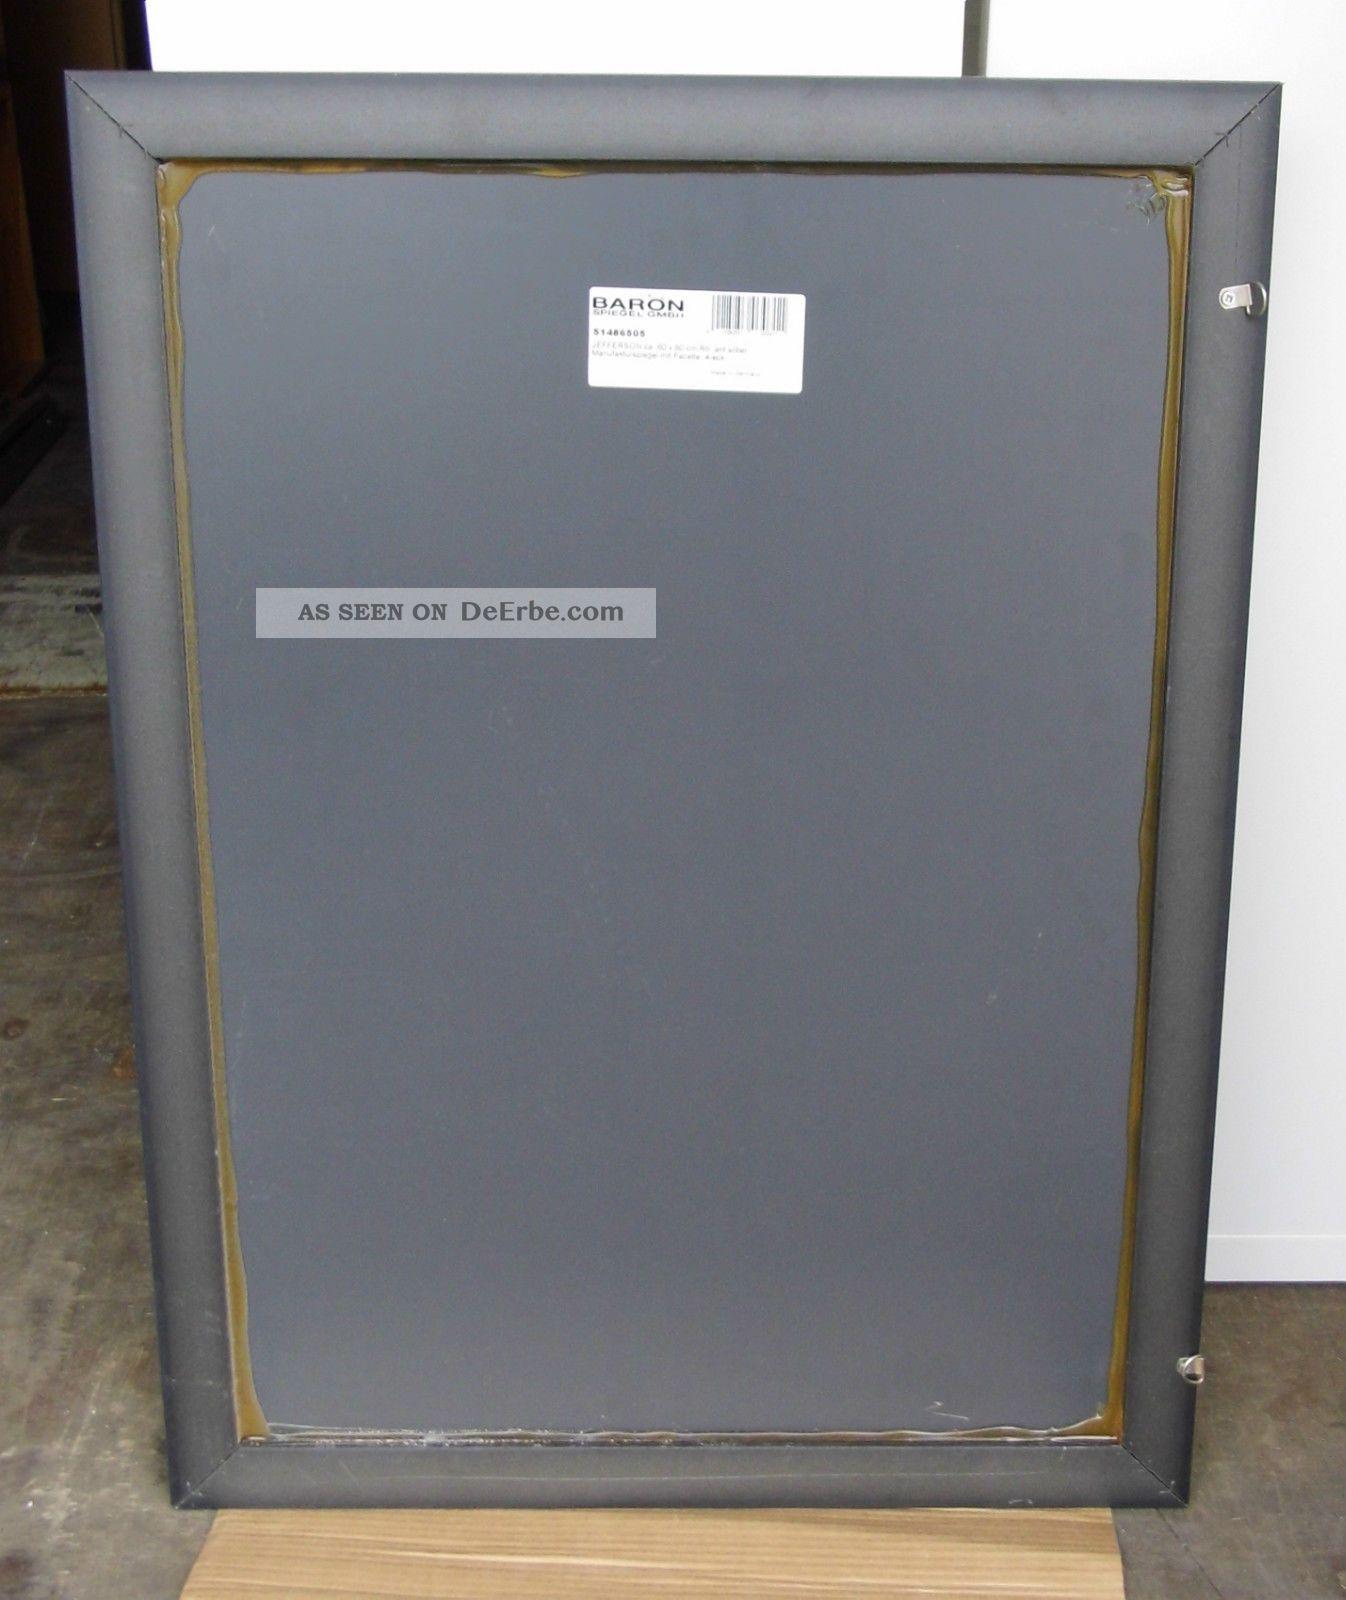 Baron - Manufaktur Spiegel - Facette - 60 X 80 Cm - Rahmen Antik Silber